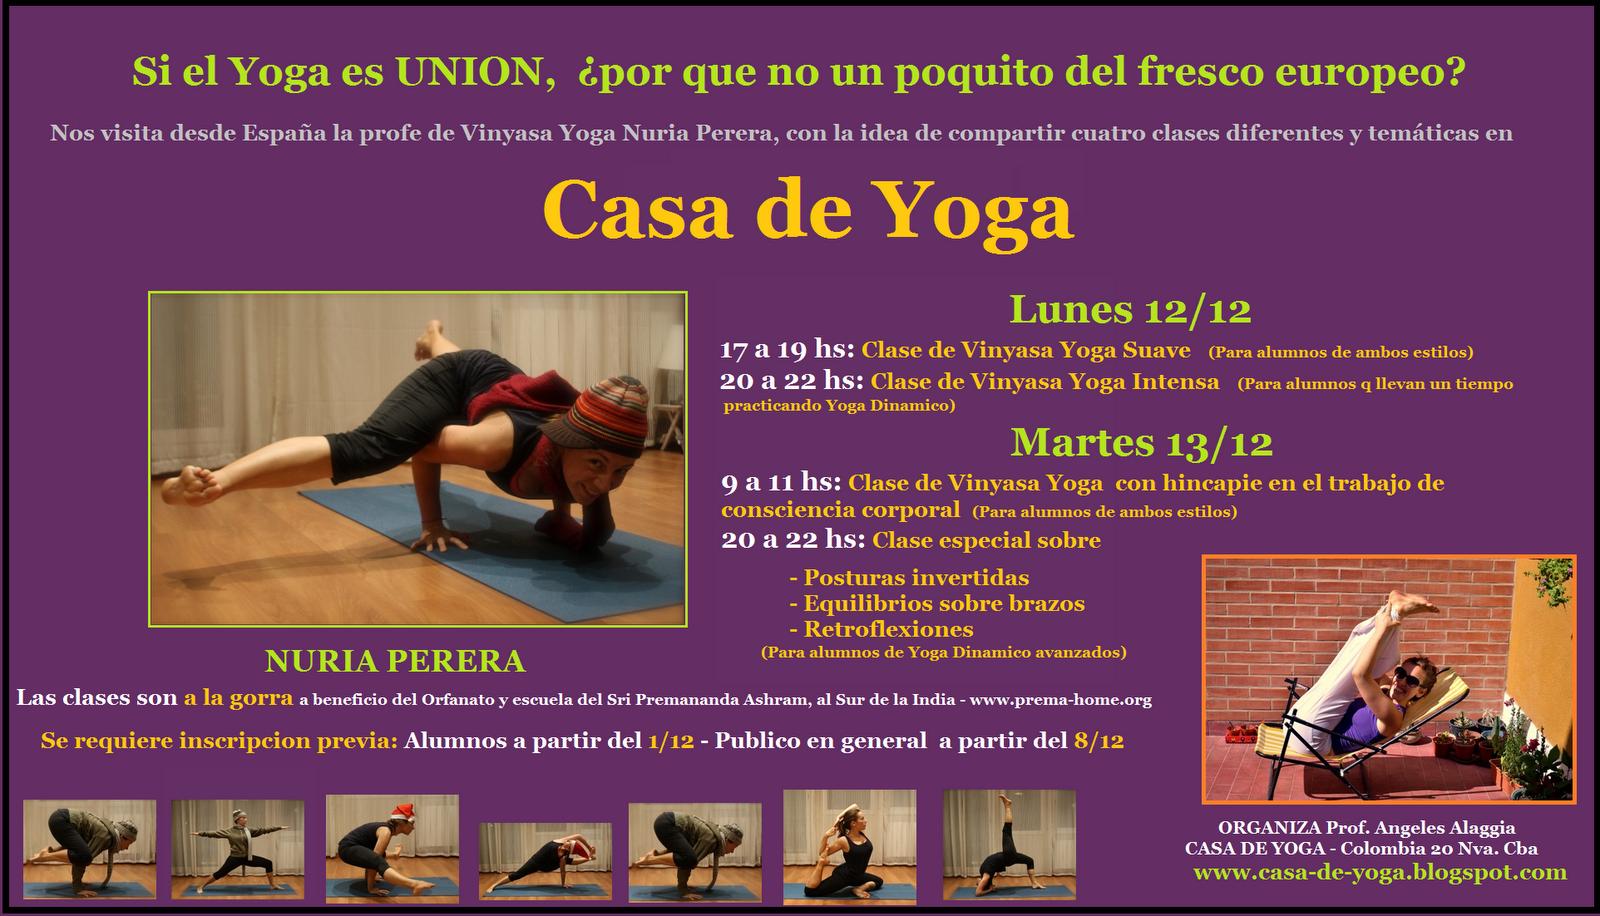 Hansika yoga clases en casa de yoga c rdoba argentina diciembre 2011 - Clases de yoga en casa ...